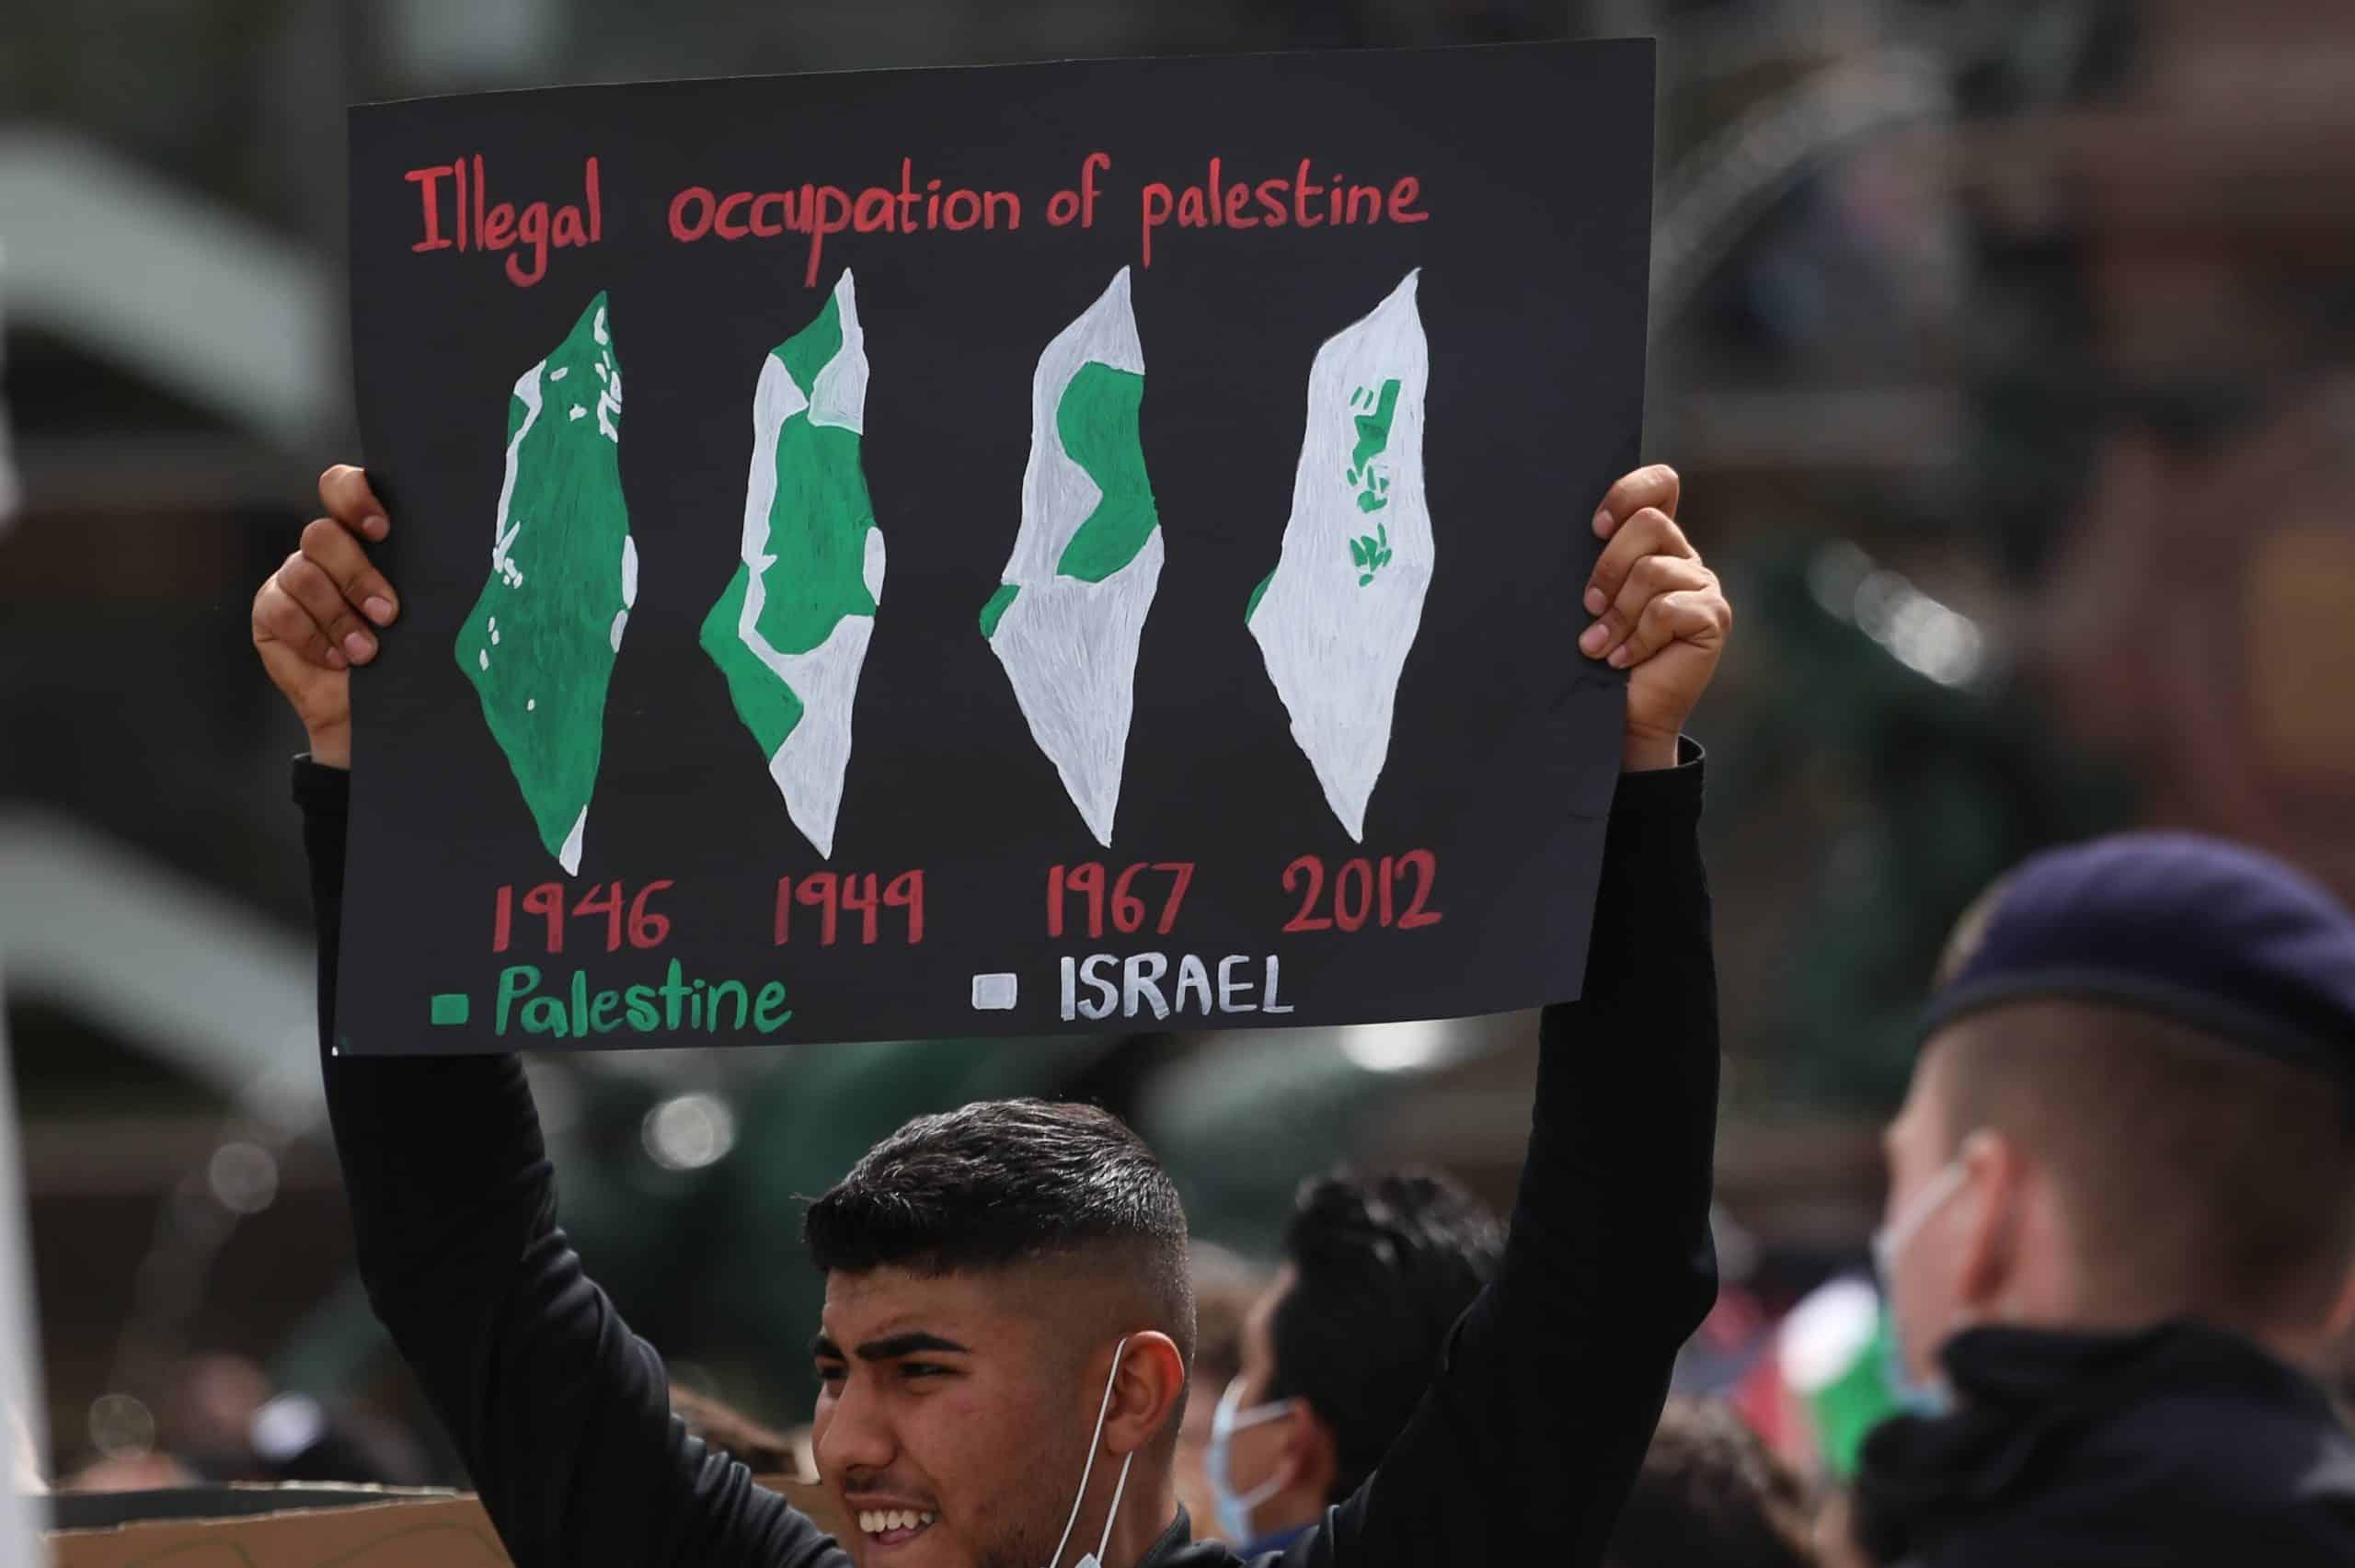 Eingebildete Realität: 2005 räumte Israel zahlreiche Siedlungen trotz der Ablehnung durch die palästinensischen Führung. Foto: Alexander Böhm